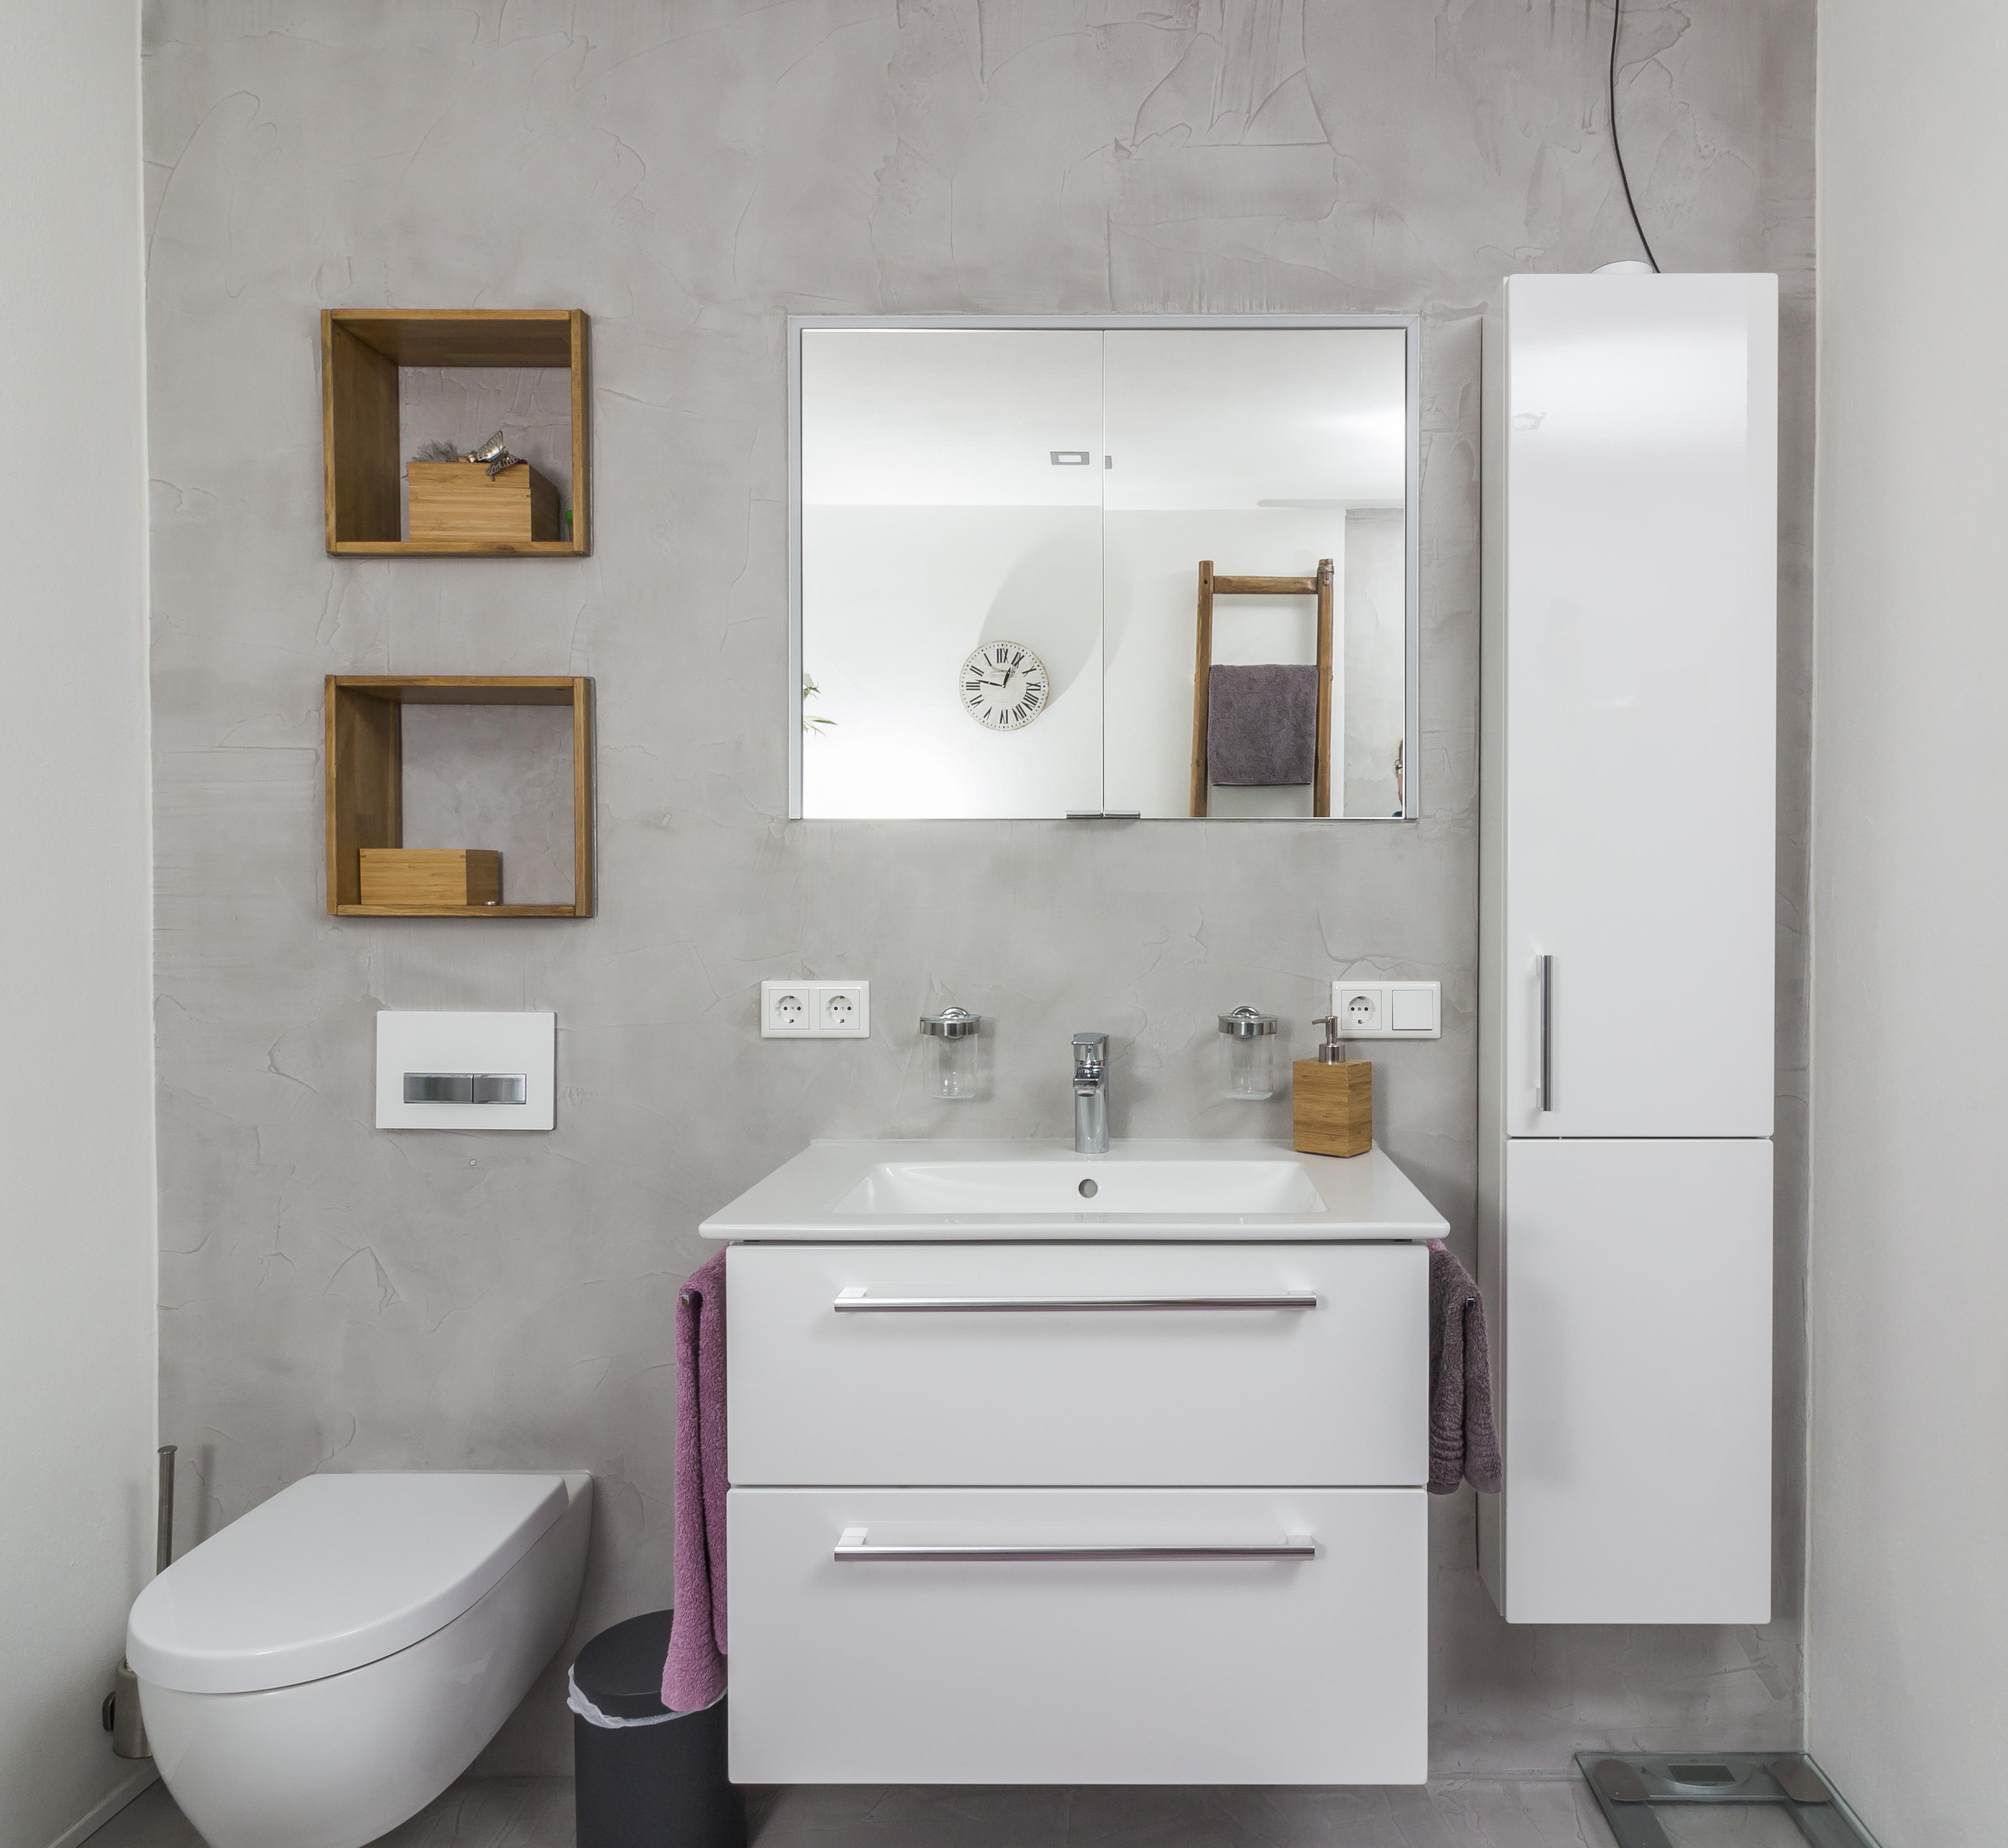 mainTisch mainBeton Badezimmer Dusche Beton Beton Cire fugenlos 8